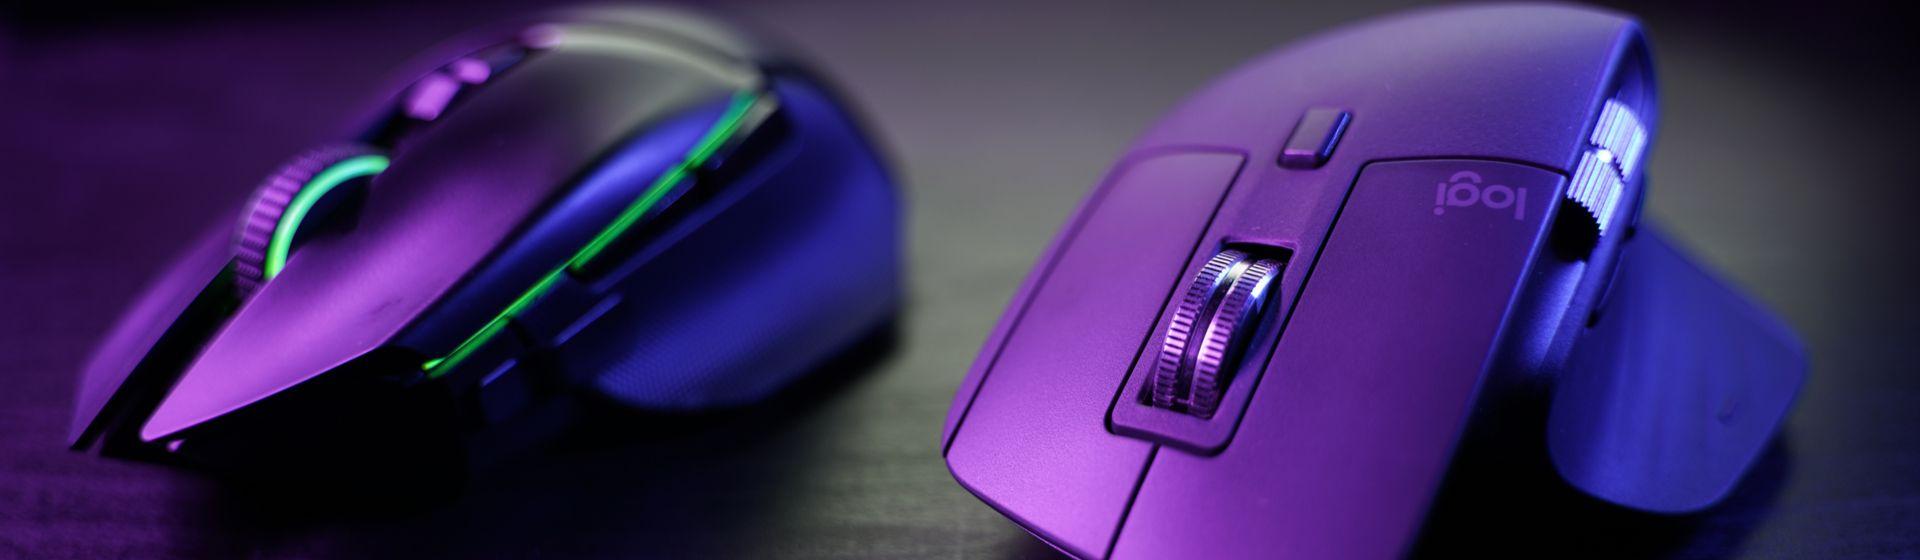 Melhor mouse Logitech em 2021: 8 boas opções para comprar